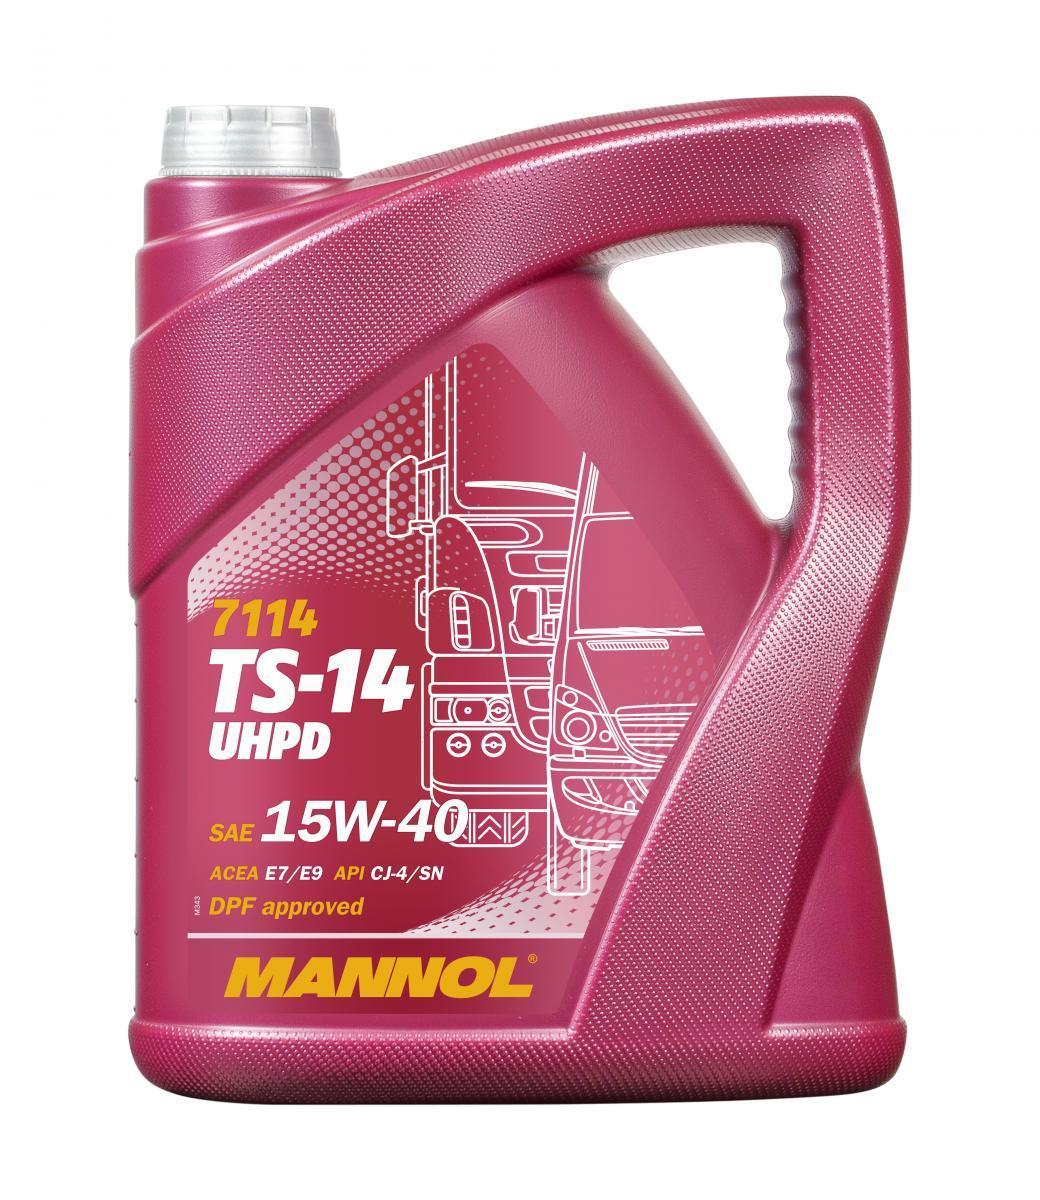 MN7114-5 MANNOL TS-14, UHPD 15W-40, 5l Motoröl MN7114-5 günstig kaufen